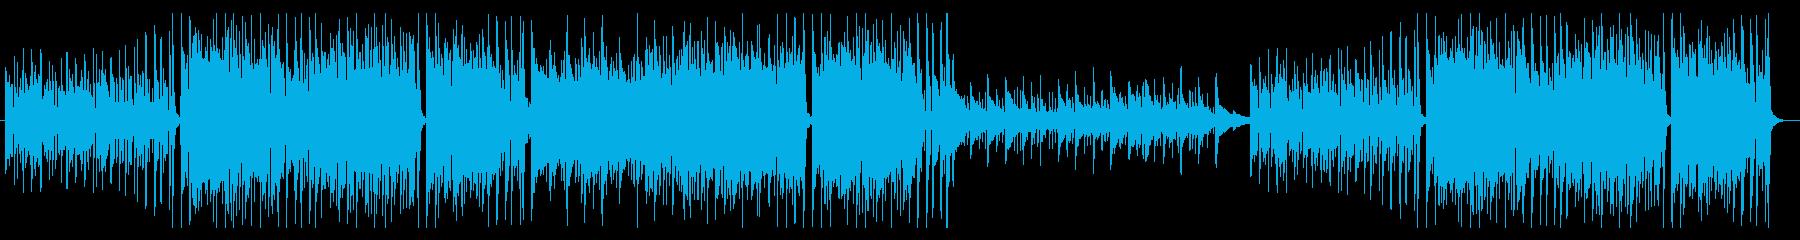 ファンタジー_笛・アコギ・スネア_ケルトの再生済みの波形